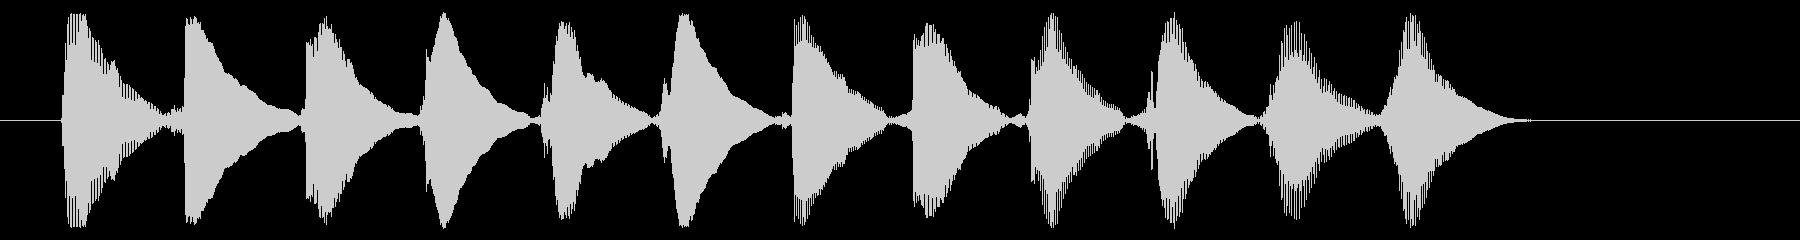 8ビット風システム音-16-5_dryの未再生の波形